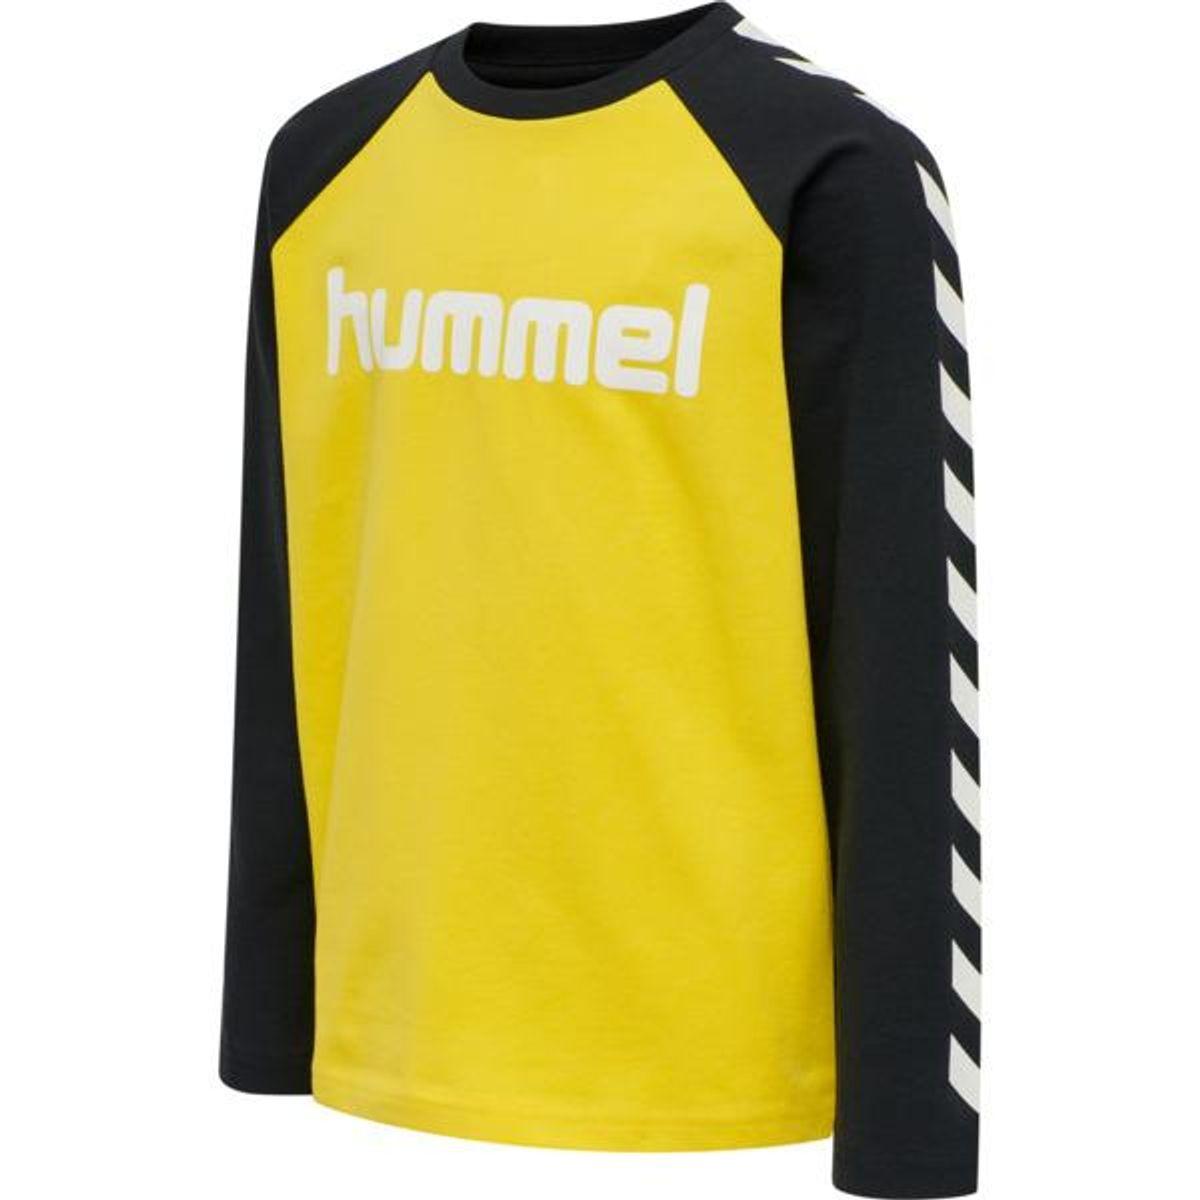 Hummel T-shirt LS